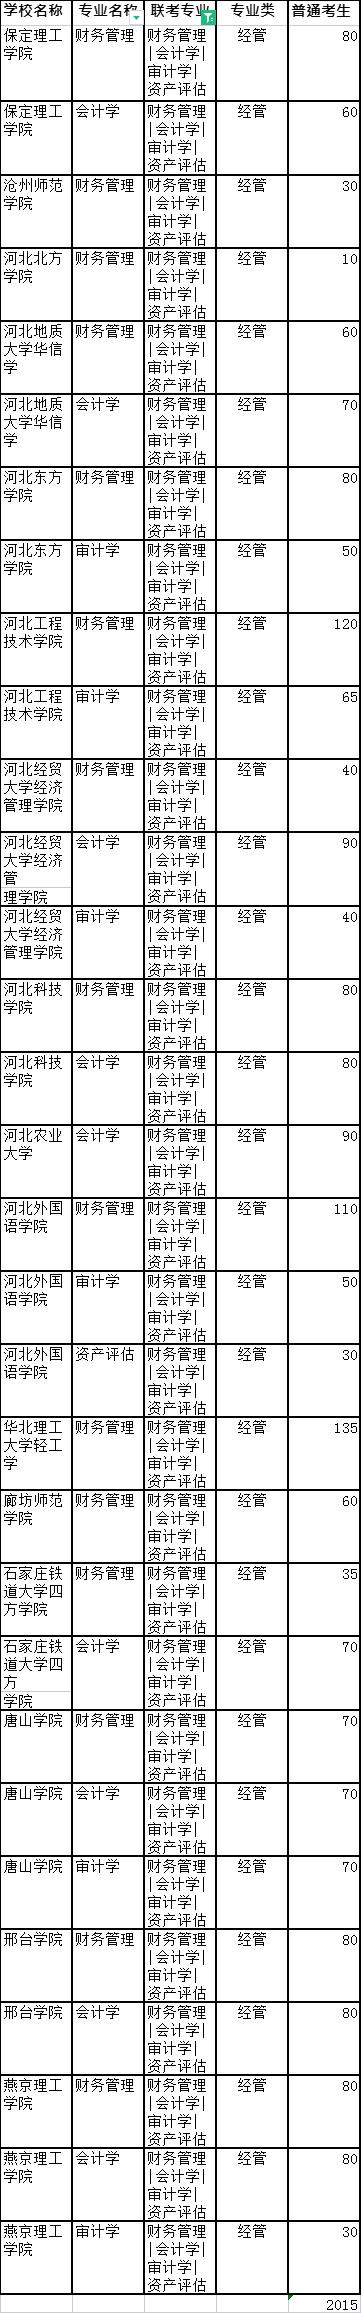 河北专接本会计学招生院校